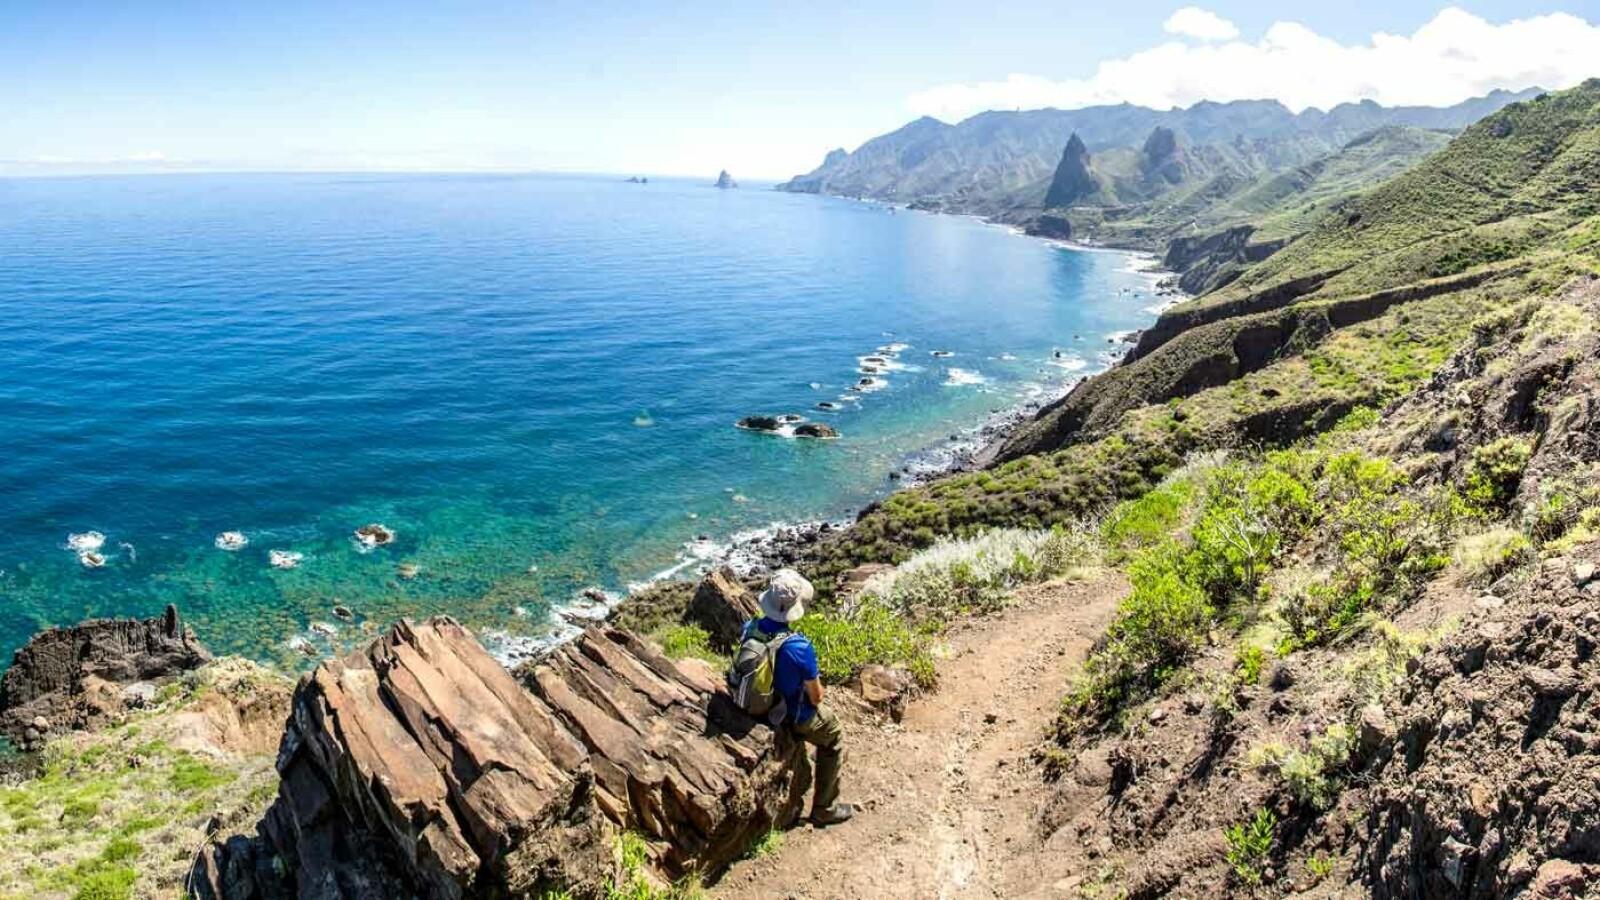 UTENFOR ALLFARVEI: Dette er også Kanariøyene, med bratte fjell og en vill og uberørt kyststripe fjernt fra solstoler og strandløver.